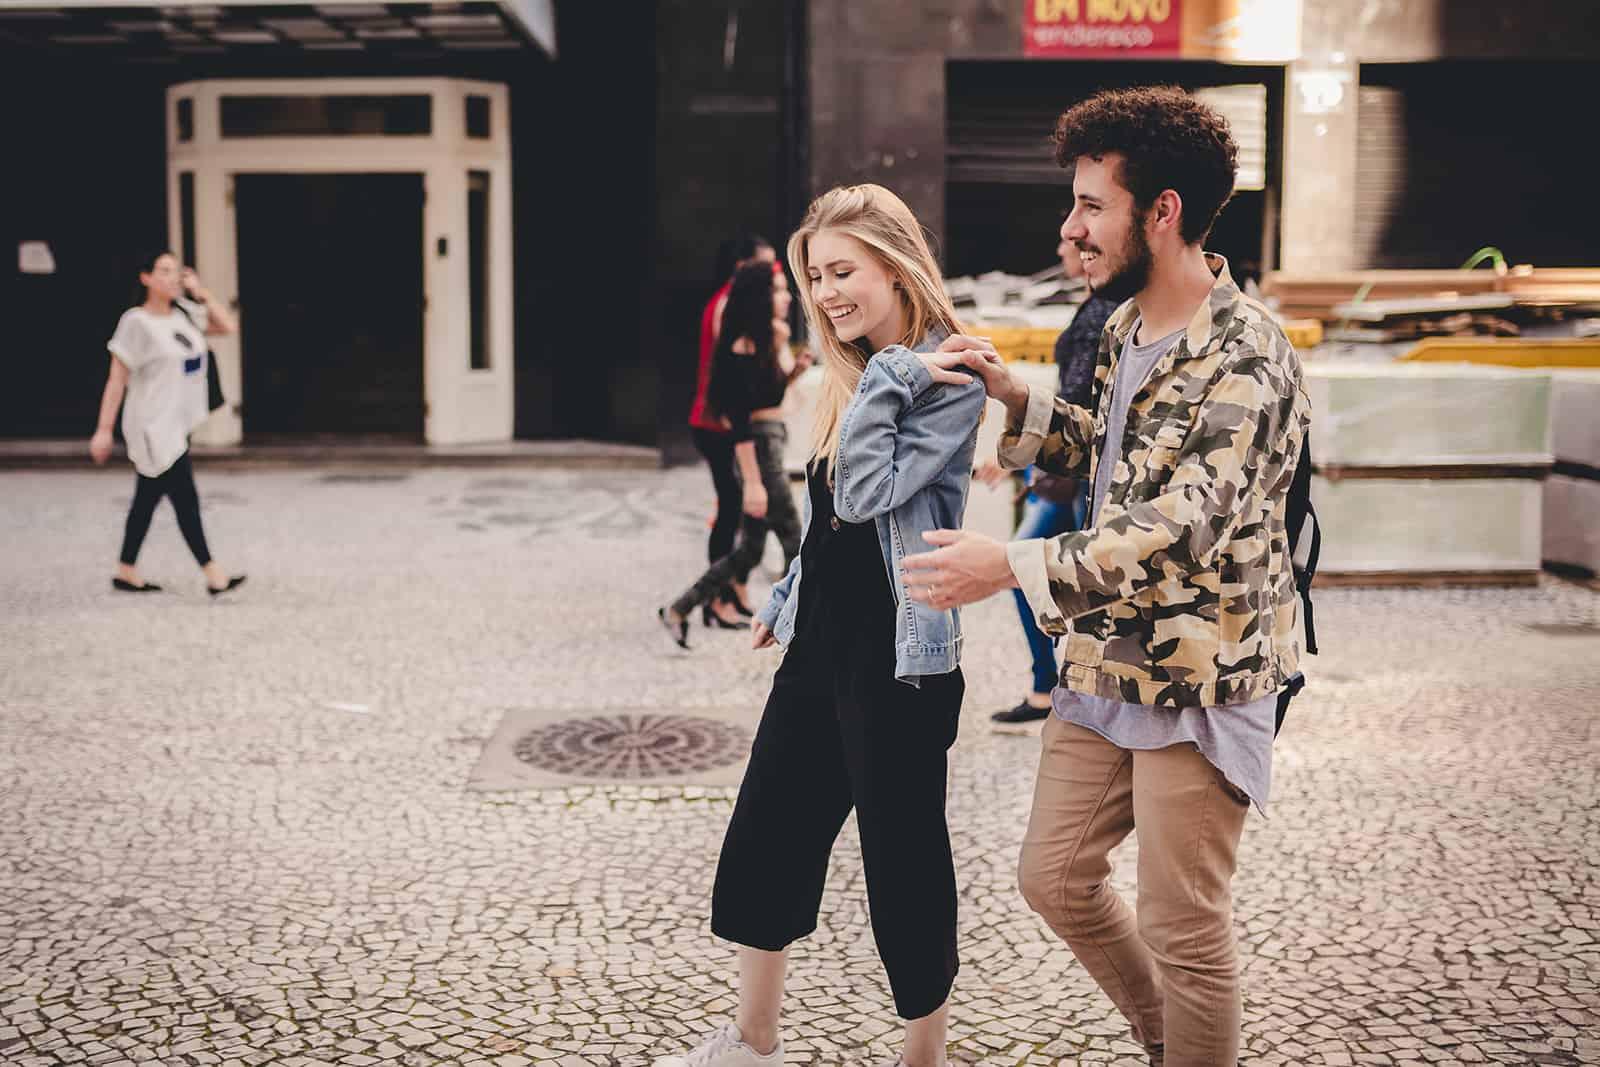 ein lächelndes Paar, das Hände hält, die auf der Straße gehen